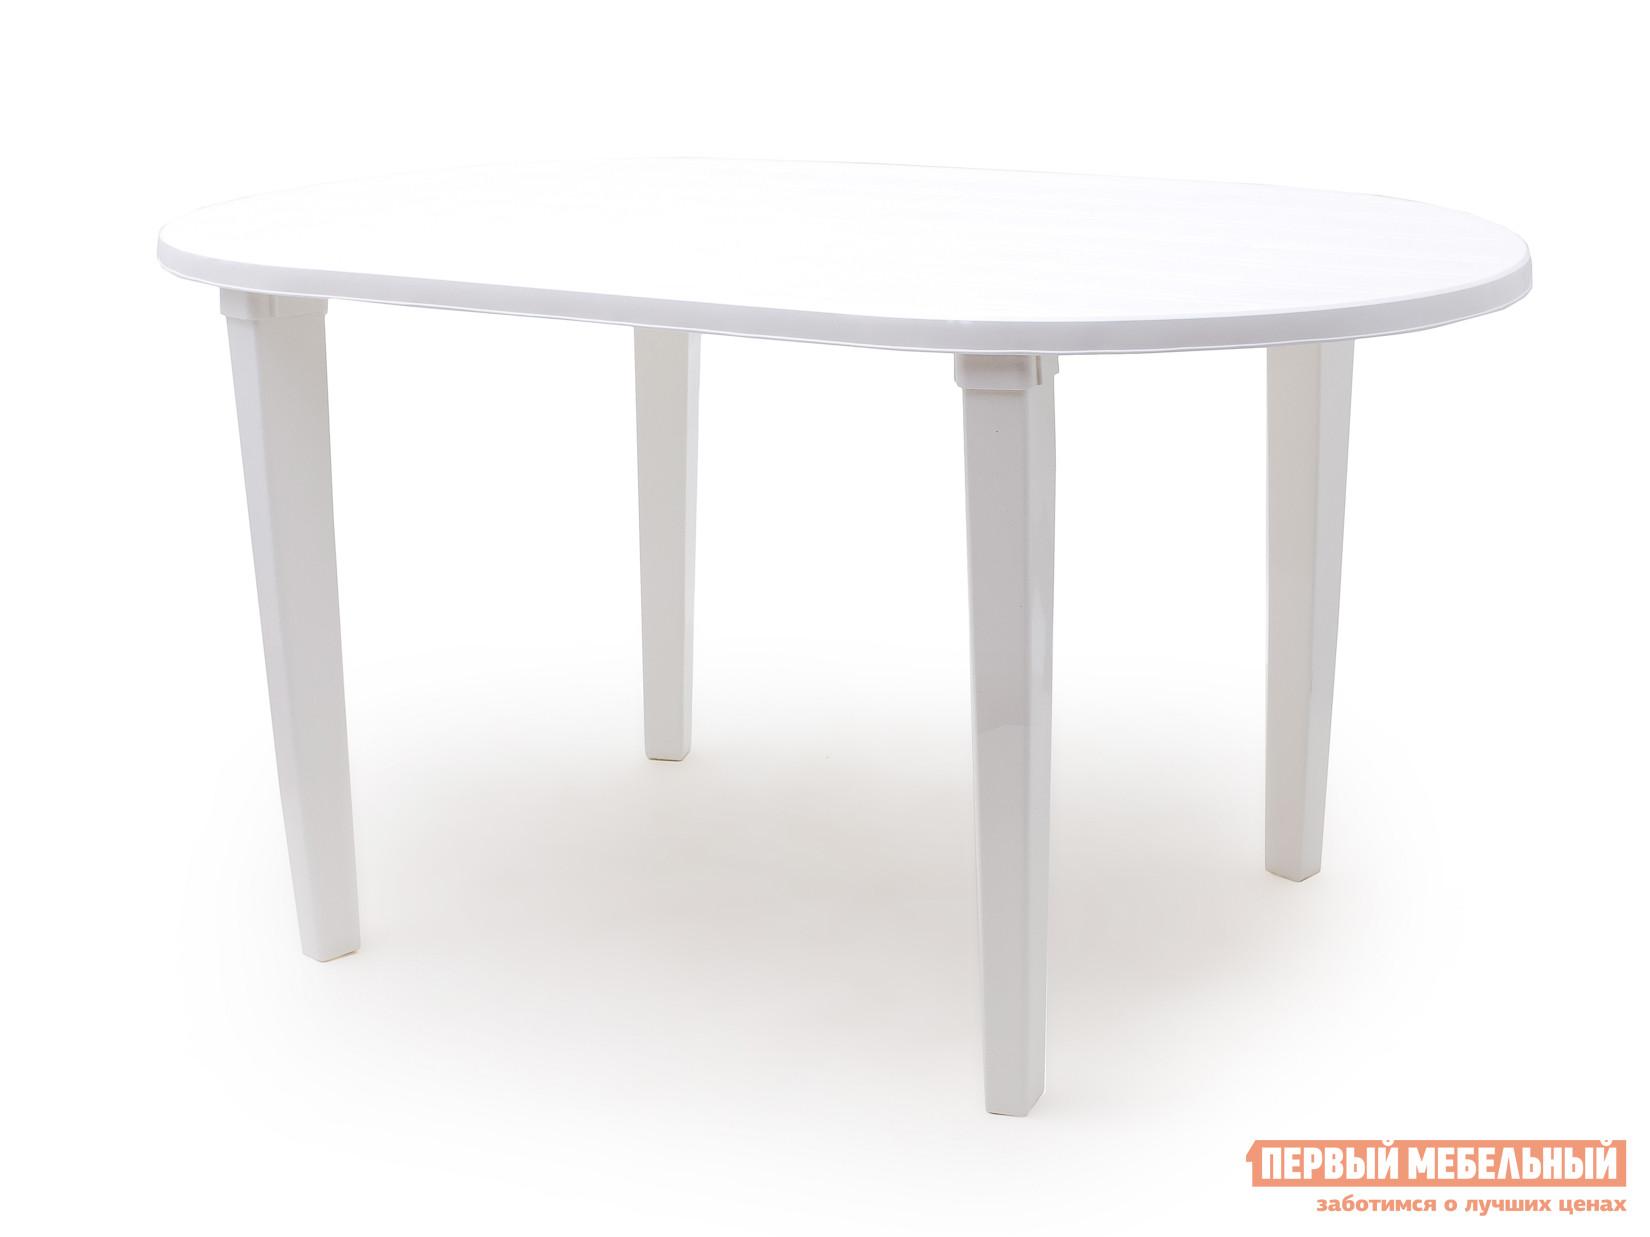 Пластиковый стол Стандарт Пластик Стол овальный (1400х800х710) мм БелыйПластиковые столы<br>Габаритные размеры ВхШхГ 710x1400x800 мм. Овальный пластиковый стол для дачи обладает преимуществами круглого и прямоугольного стола — он вместительный и не содержит острых углов.  Дизайн мебельного изделия разработан так, что его легко сочетать с другой мебелью.    Мебельные изделия из пластика демократичны, хорошо подходят для меблировки дачи, зоны отдыха или летнего кафе.  Пластиковая мебель не боится перепадов температур, повышенной влажности.  Такая мебель станет верным союзником в комфортном и гармоничном отдыхе.<br><br>Цвет: Белый<br>Высота мм: 710<br>Ширина мм: 1400<br>Глубина мм: 800<br>Кол-во упаковок: 1<br>Форма поставки: В разобранном виде<br>Срок гарантии: 1 год<br>Форма: Овальные<br>Размер: Большие